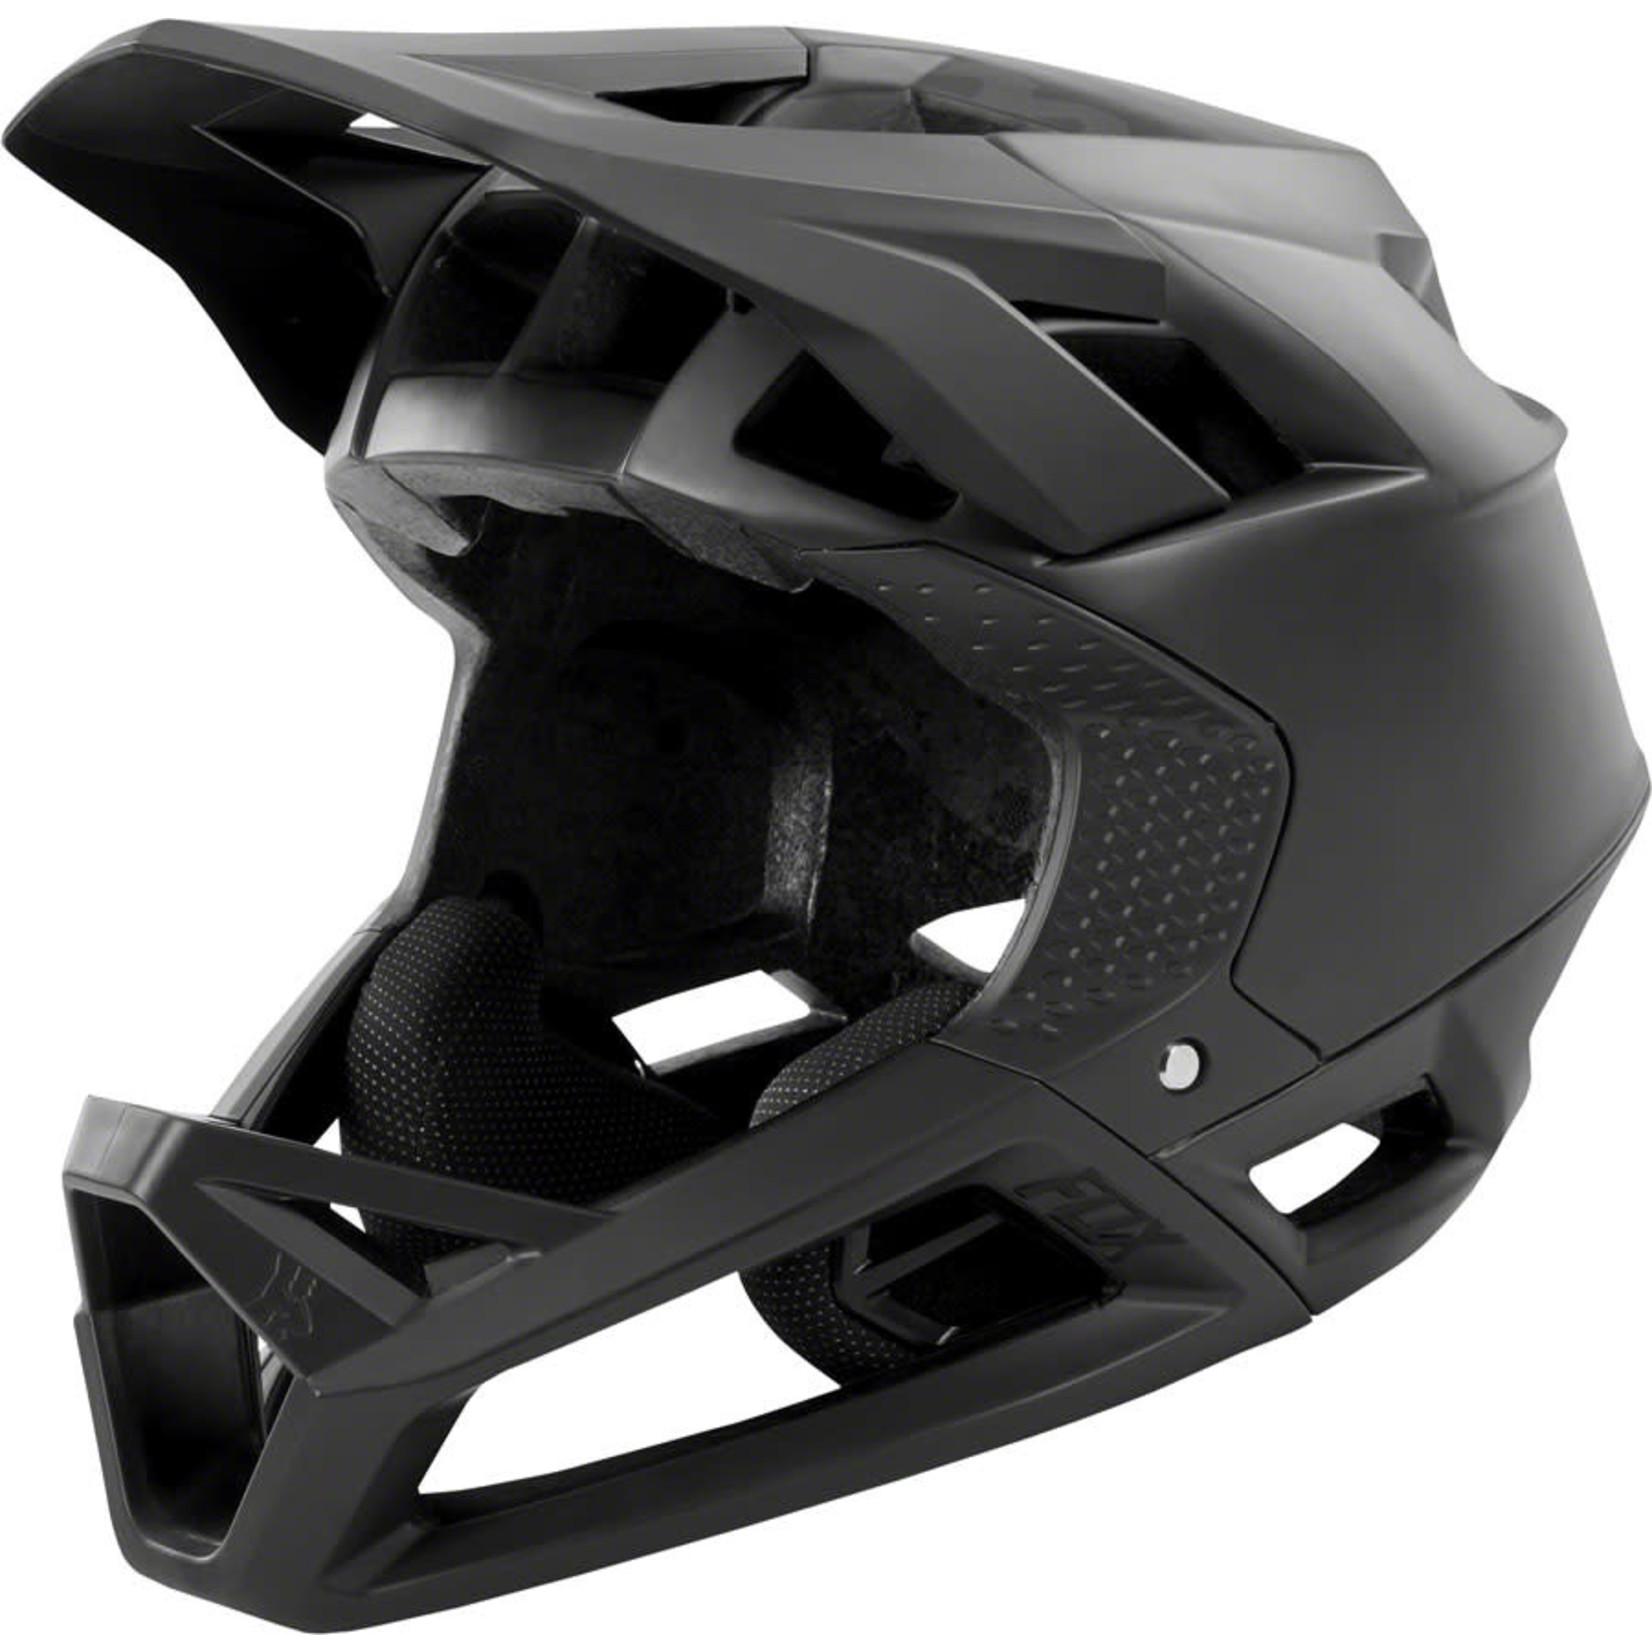 Fox Racing Proframe Full-Face Helmet